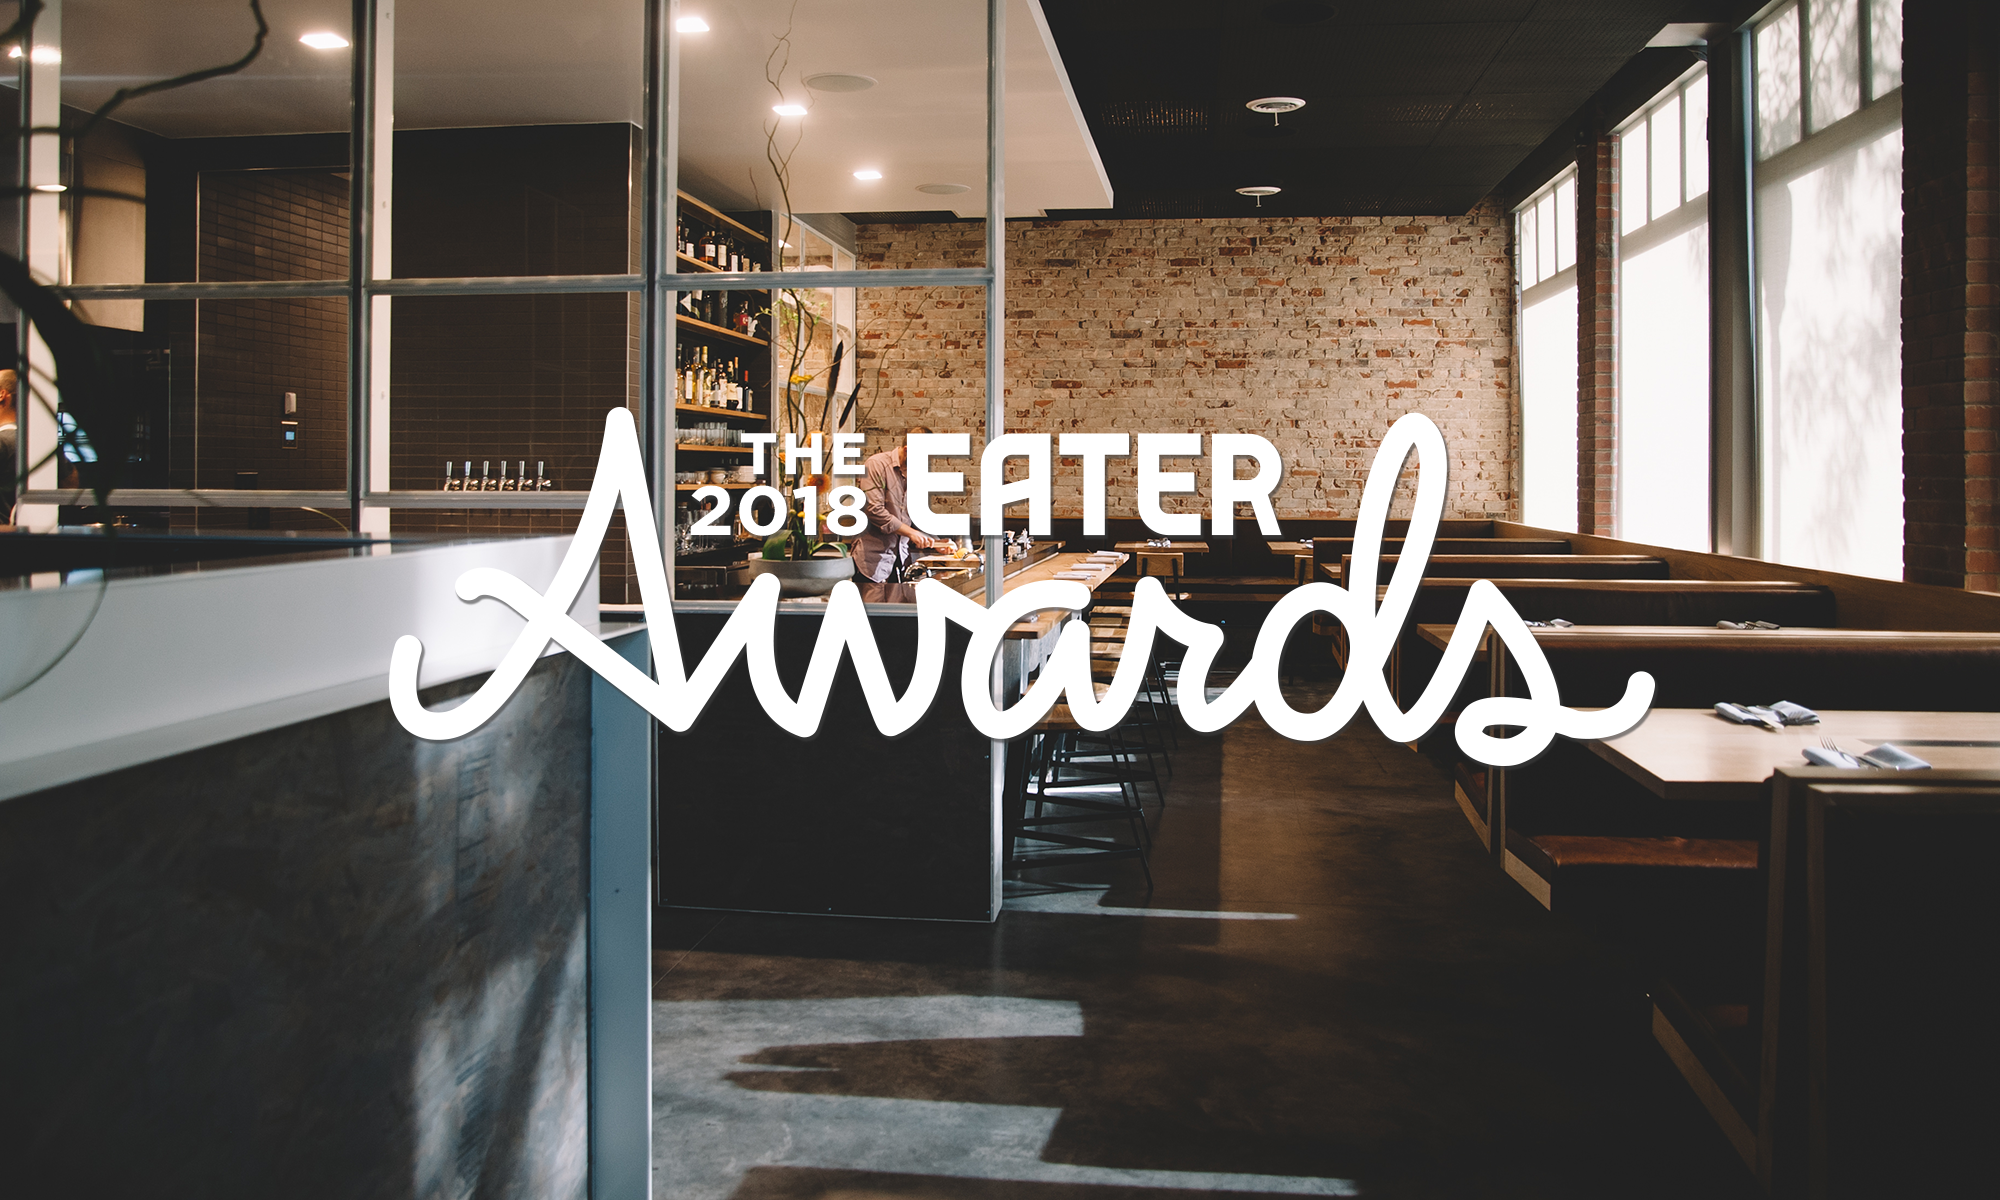 Denver's Eater Awards Winners 2018